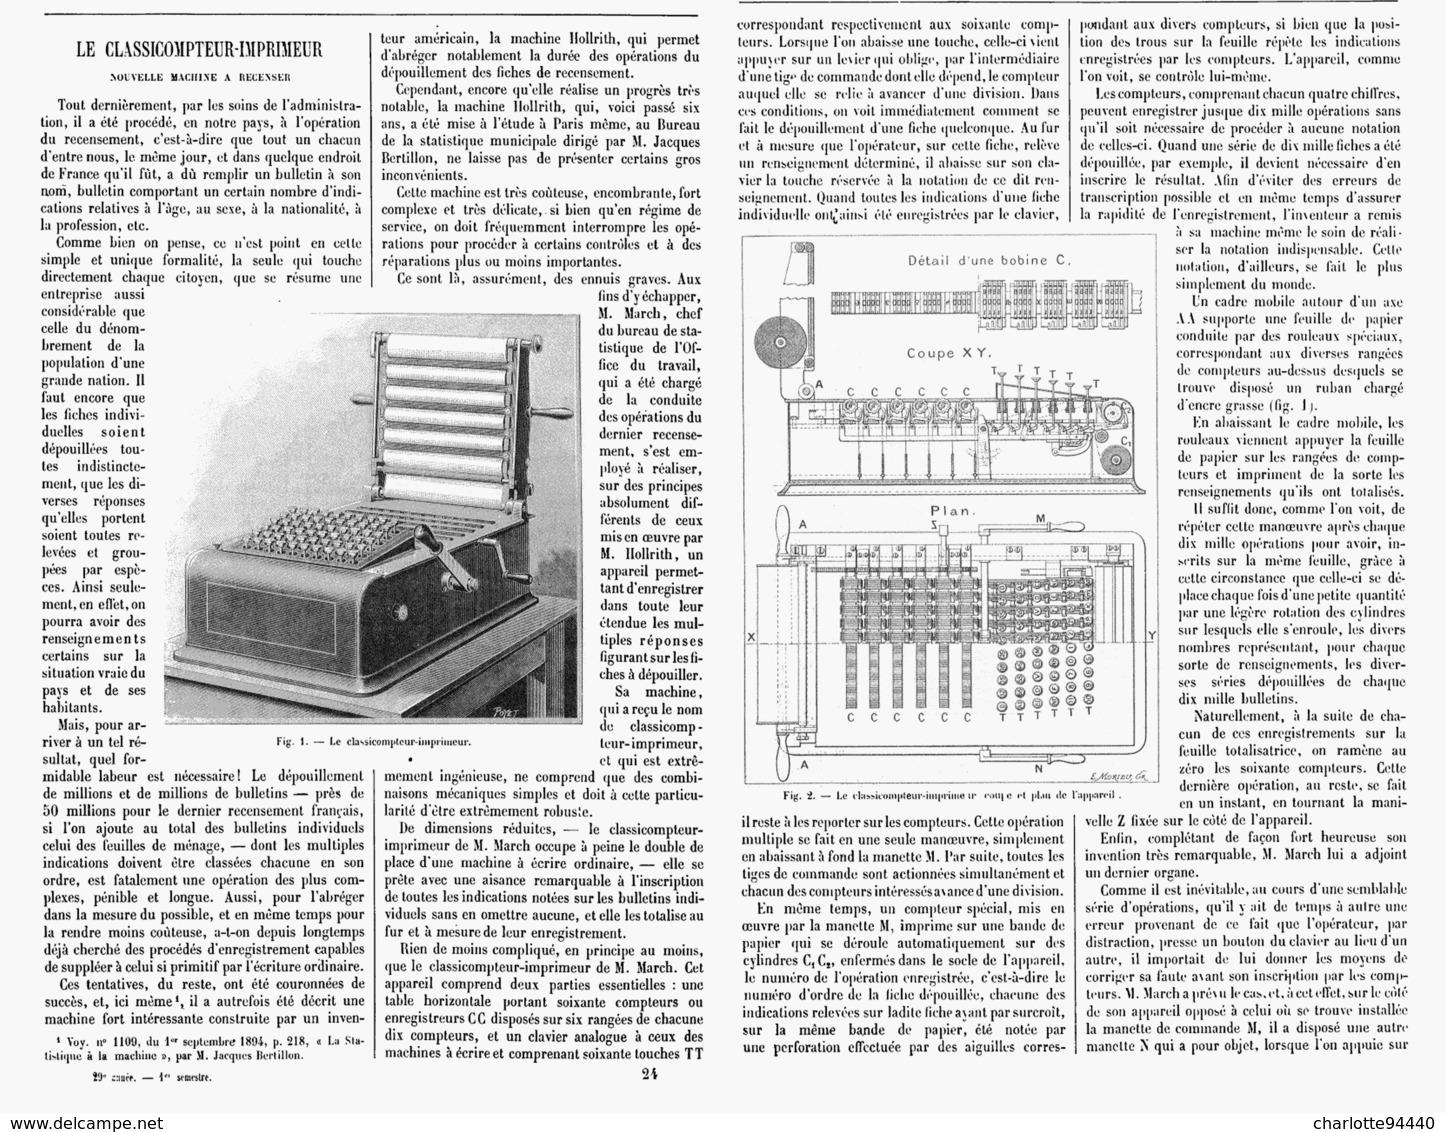 LE CLASSICOMPTEUR-IMPRIMEUR   1901 - Technical